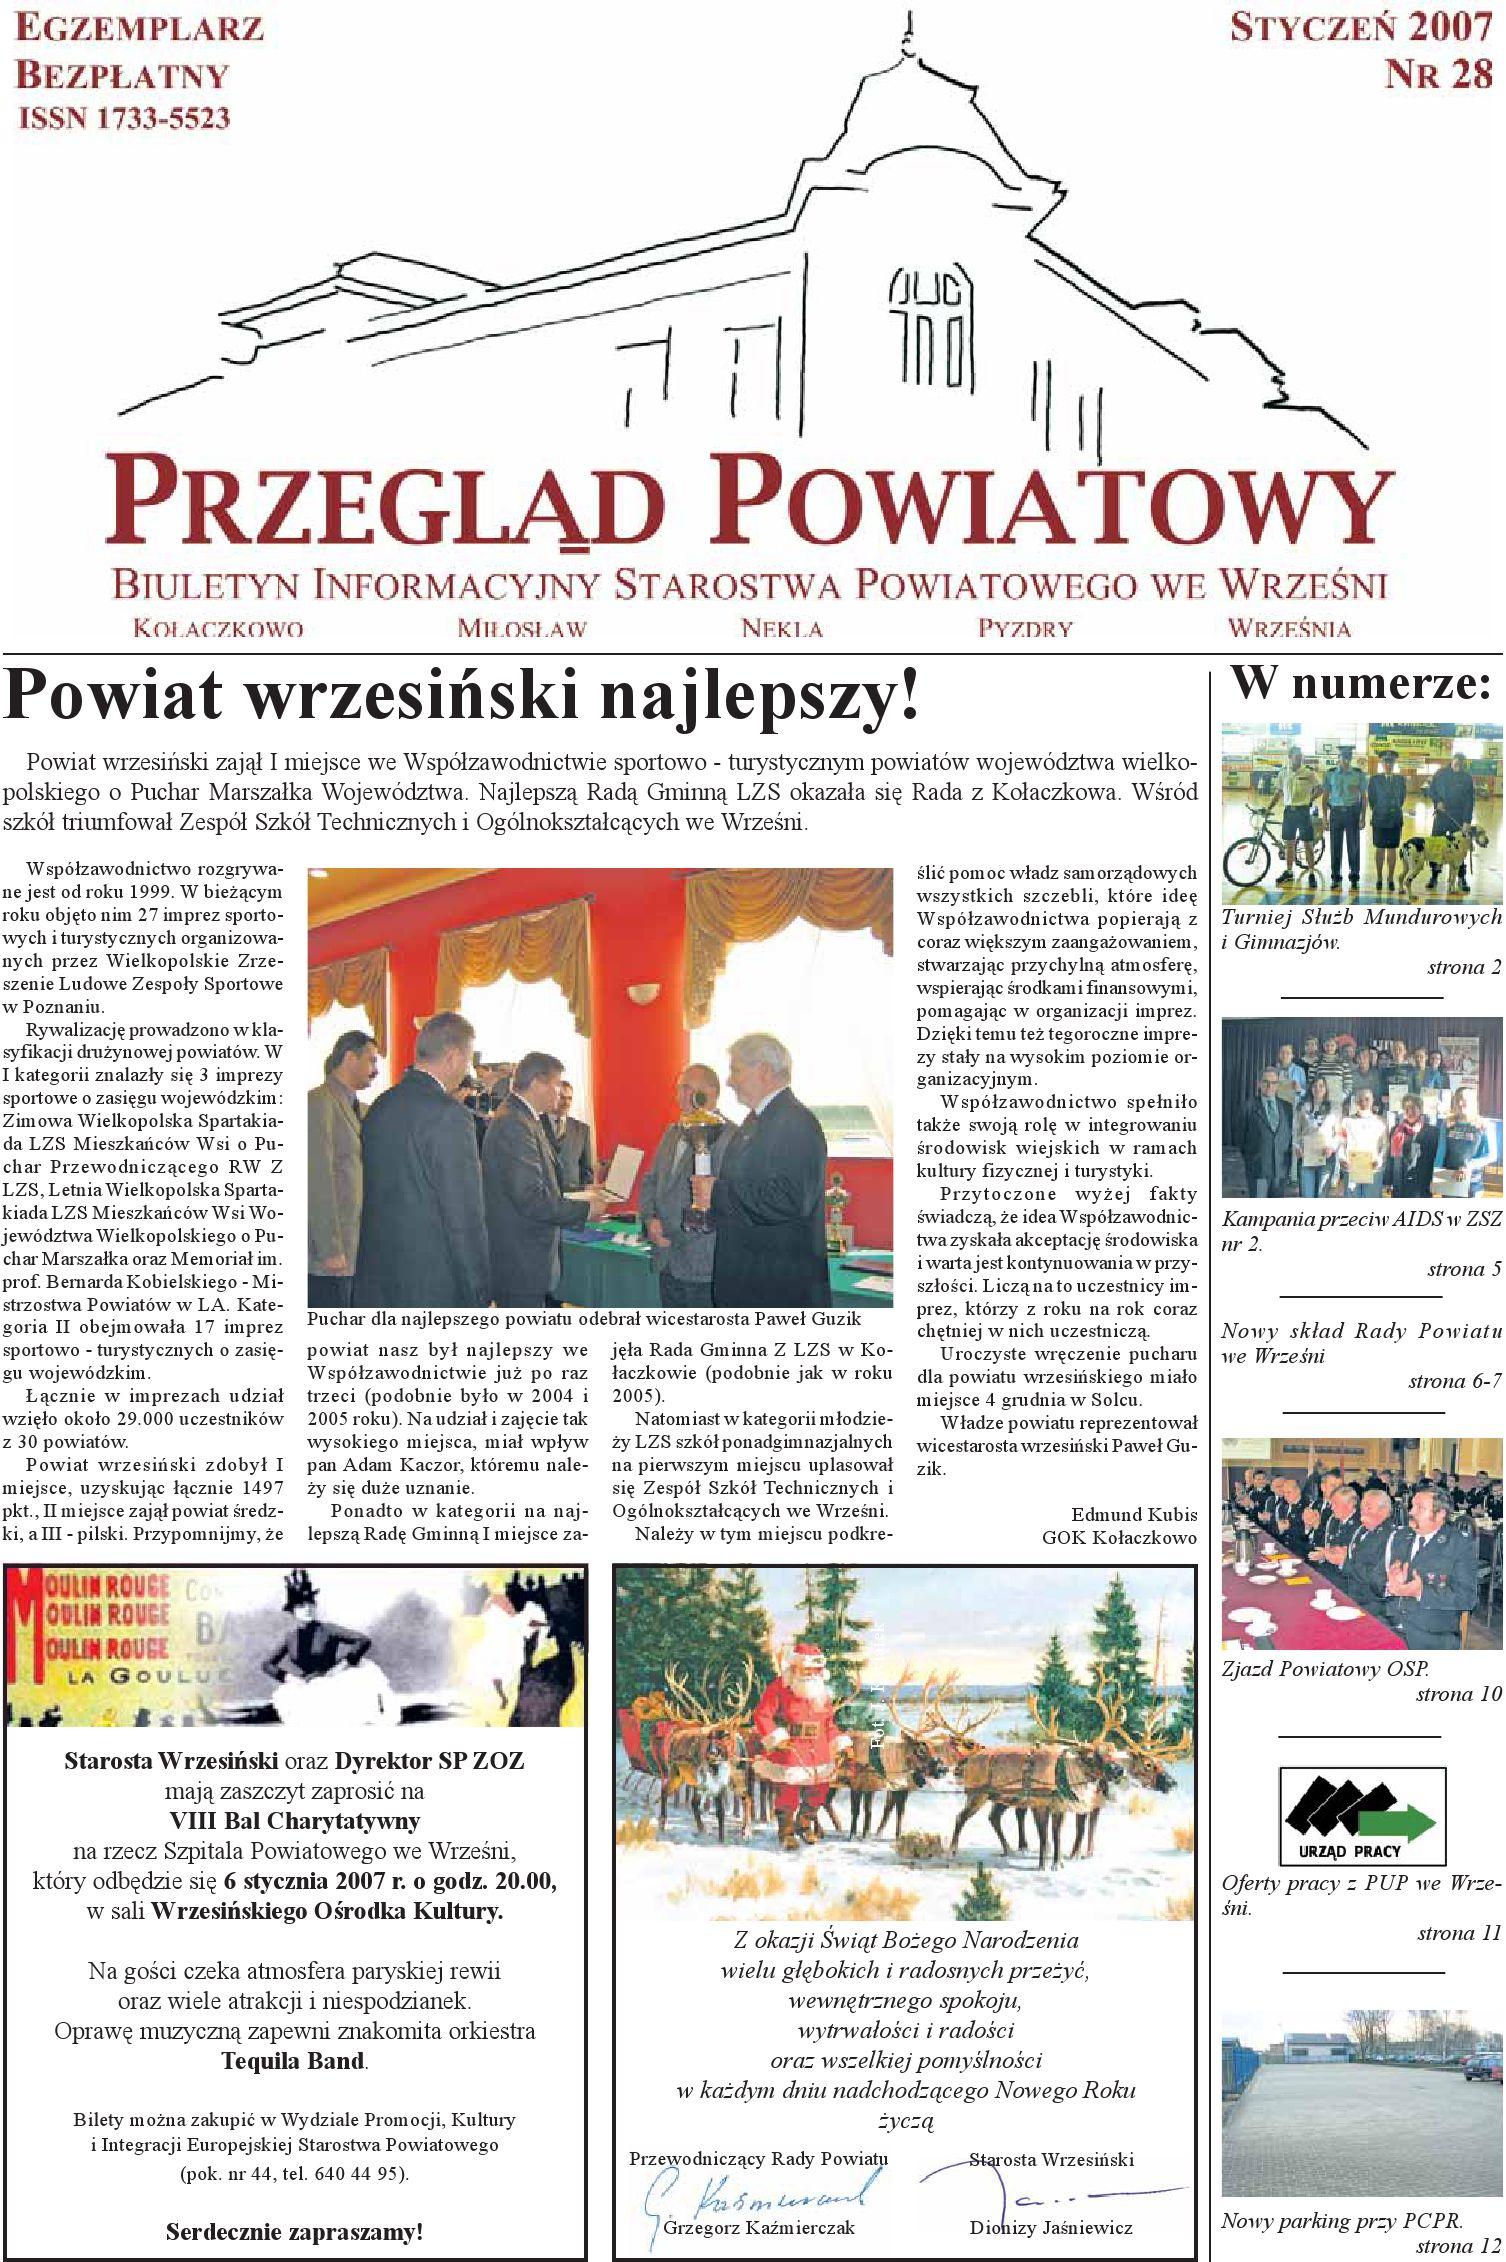 Przegląd Powiatowy Nr 28 Styczeń 2007 By Starostwo